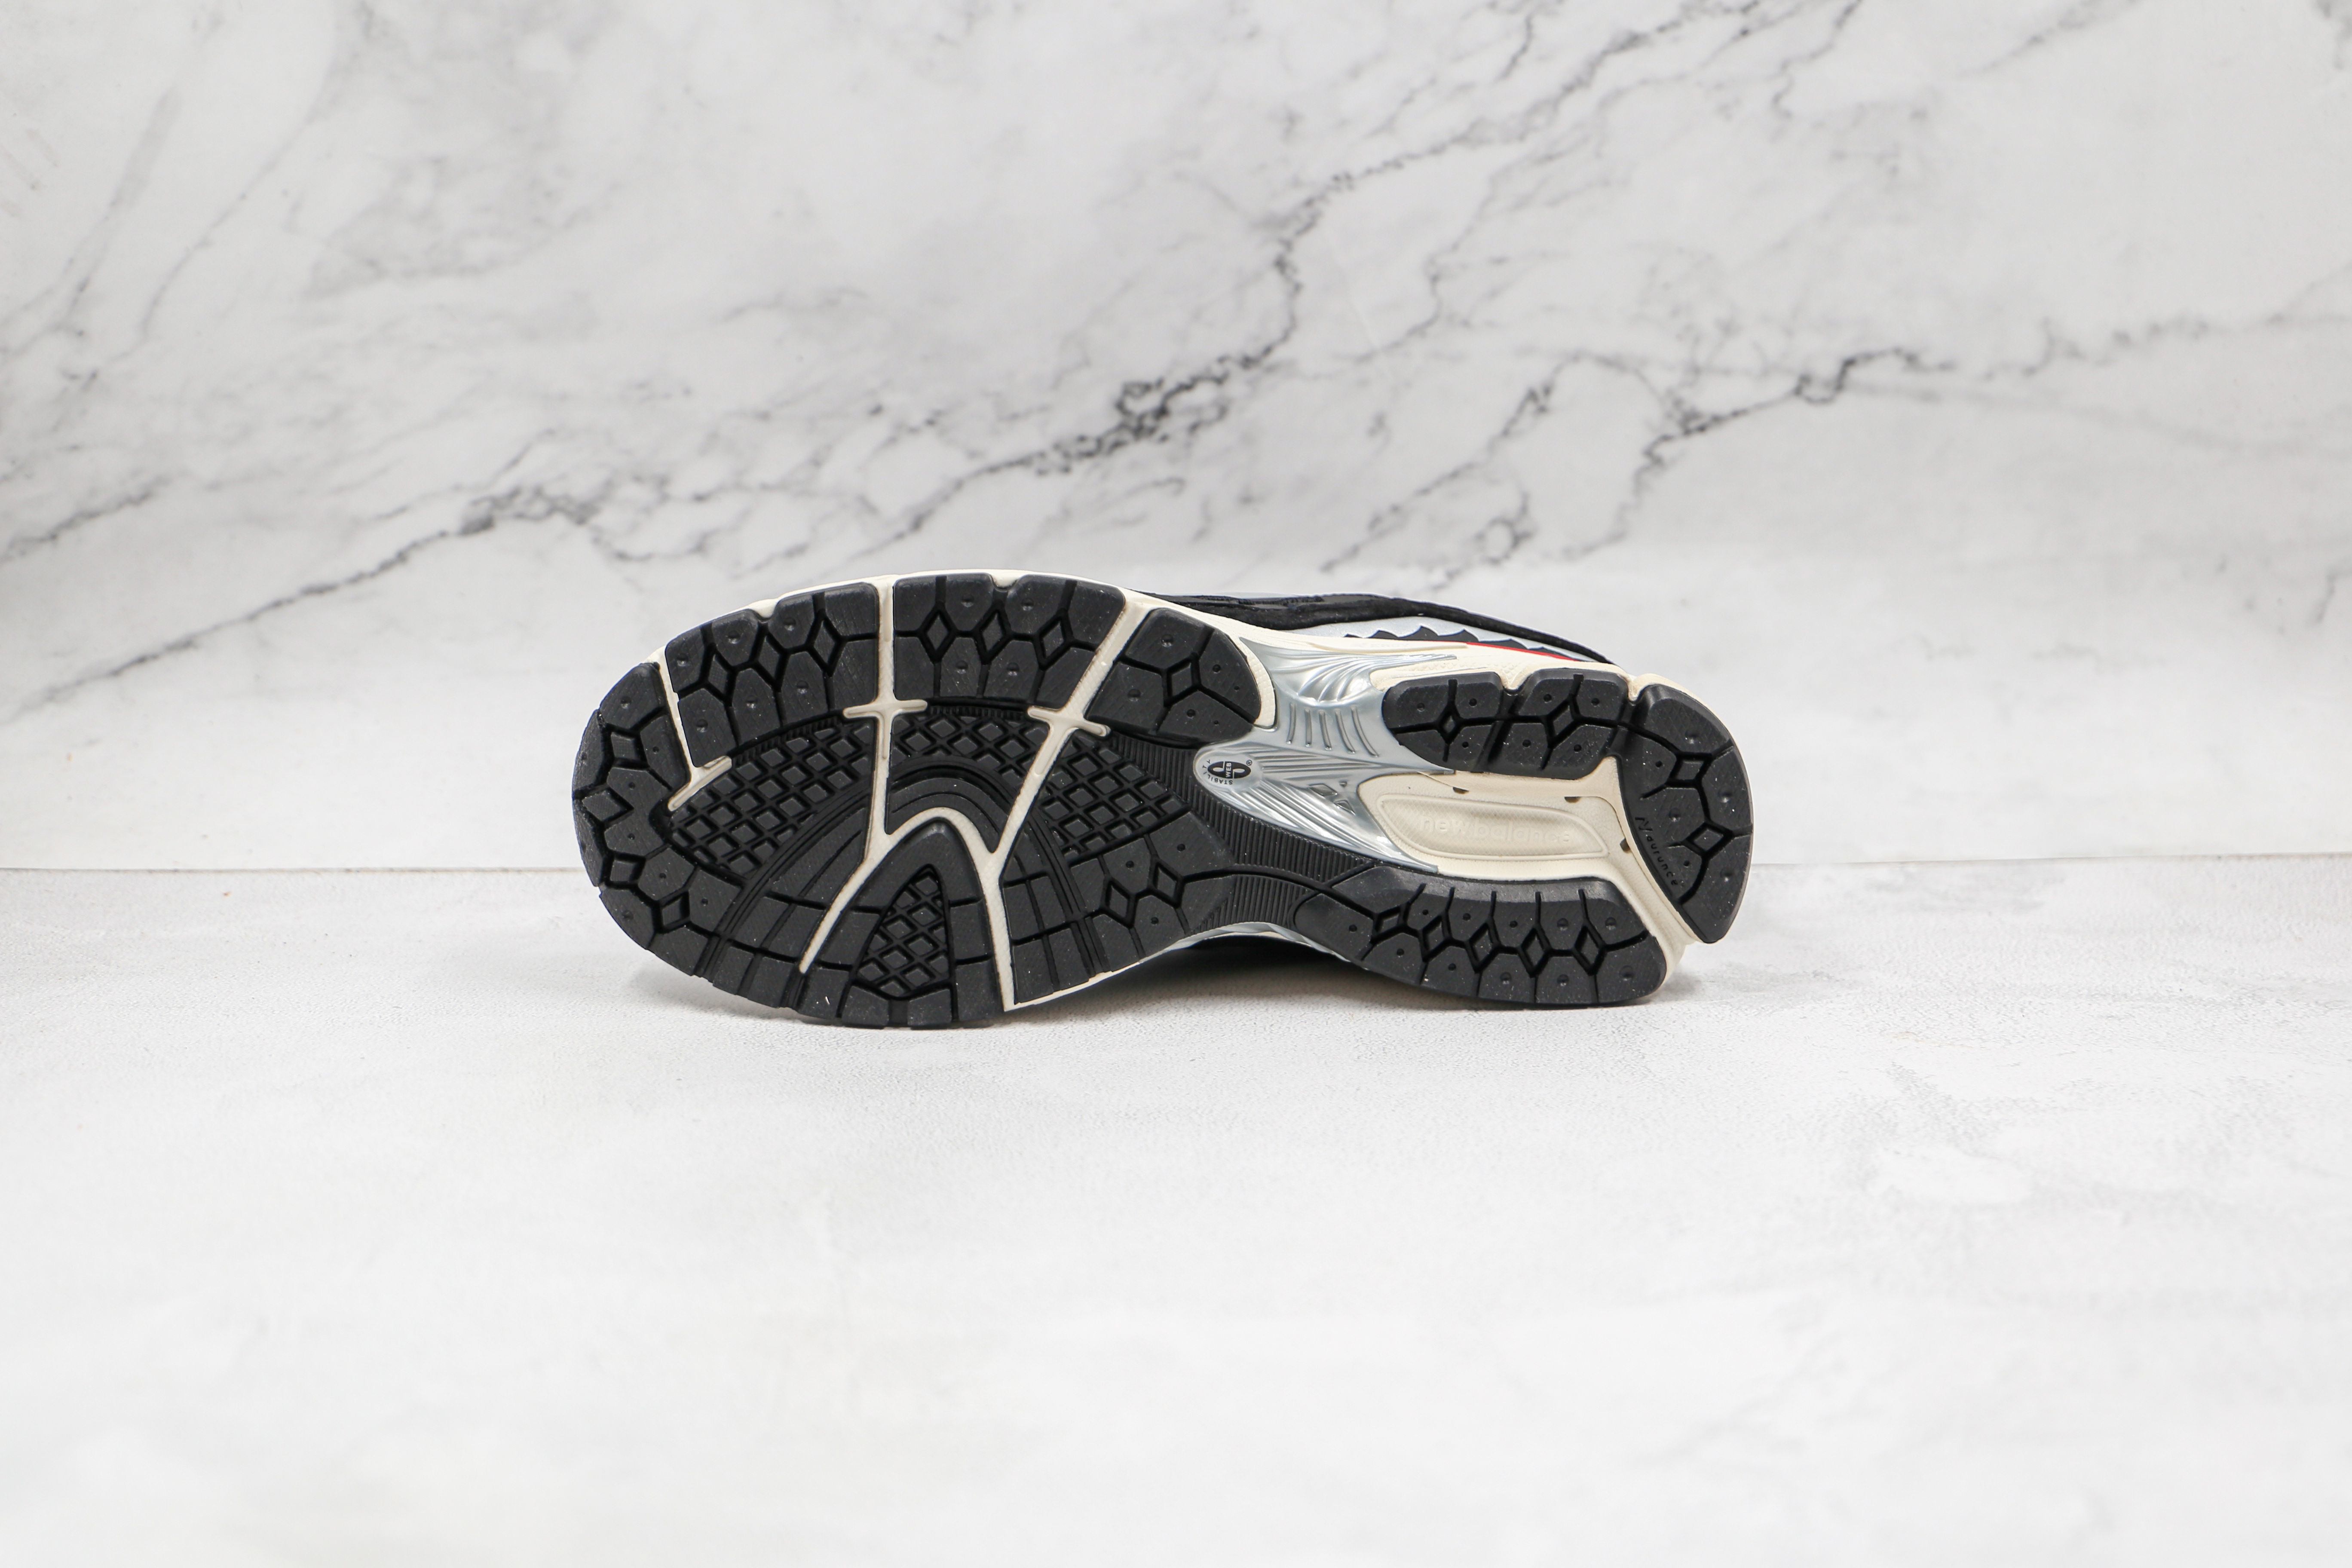 原盒 NB2002  黑迷彩 十年前的经典鞋身设计,机能与材质兼具,至今设计线条差异不大 货号:M2002RBF 同样采用 N-ergy 的中底缓震科技      M23-5